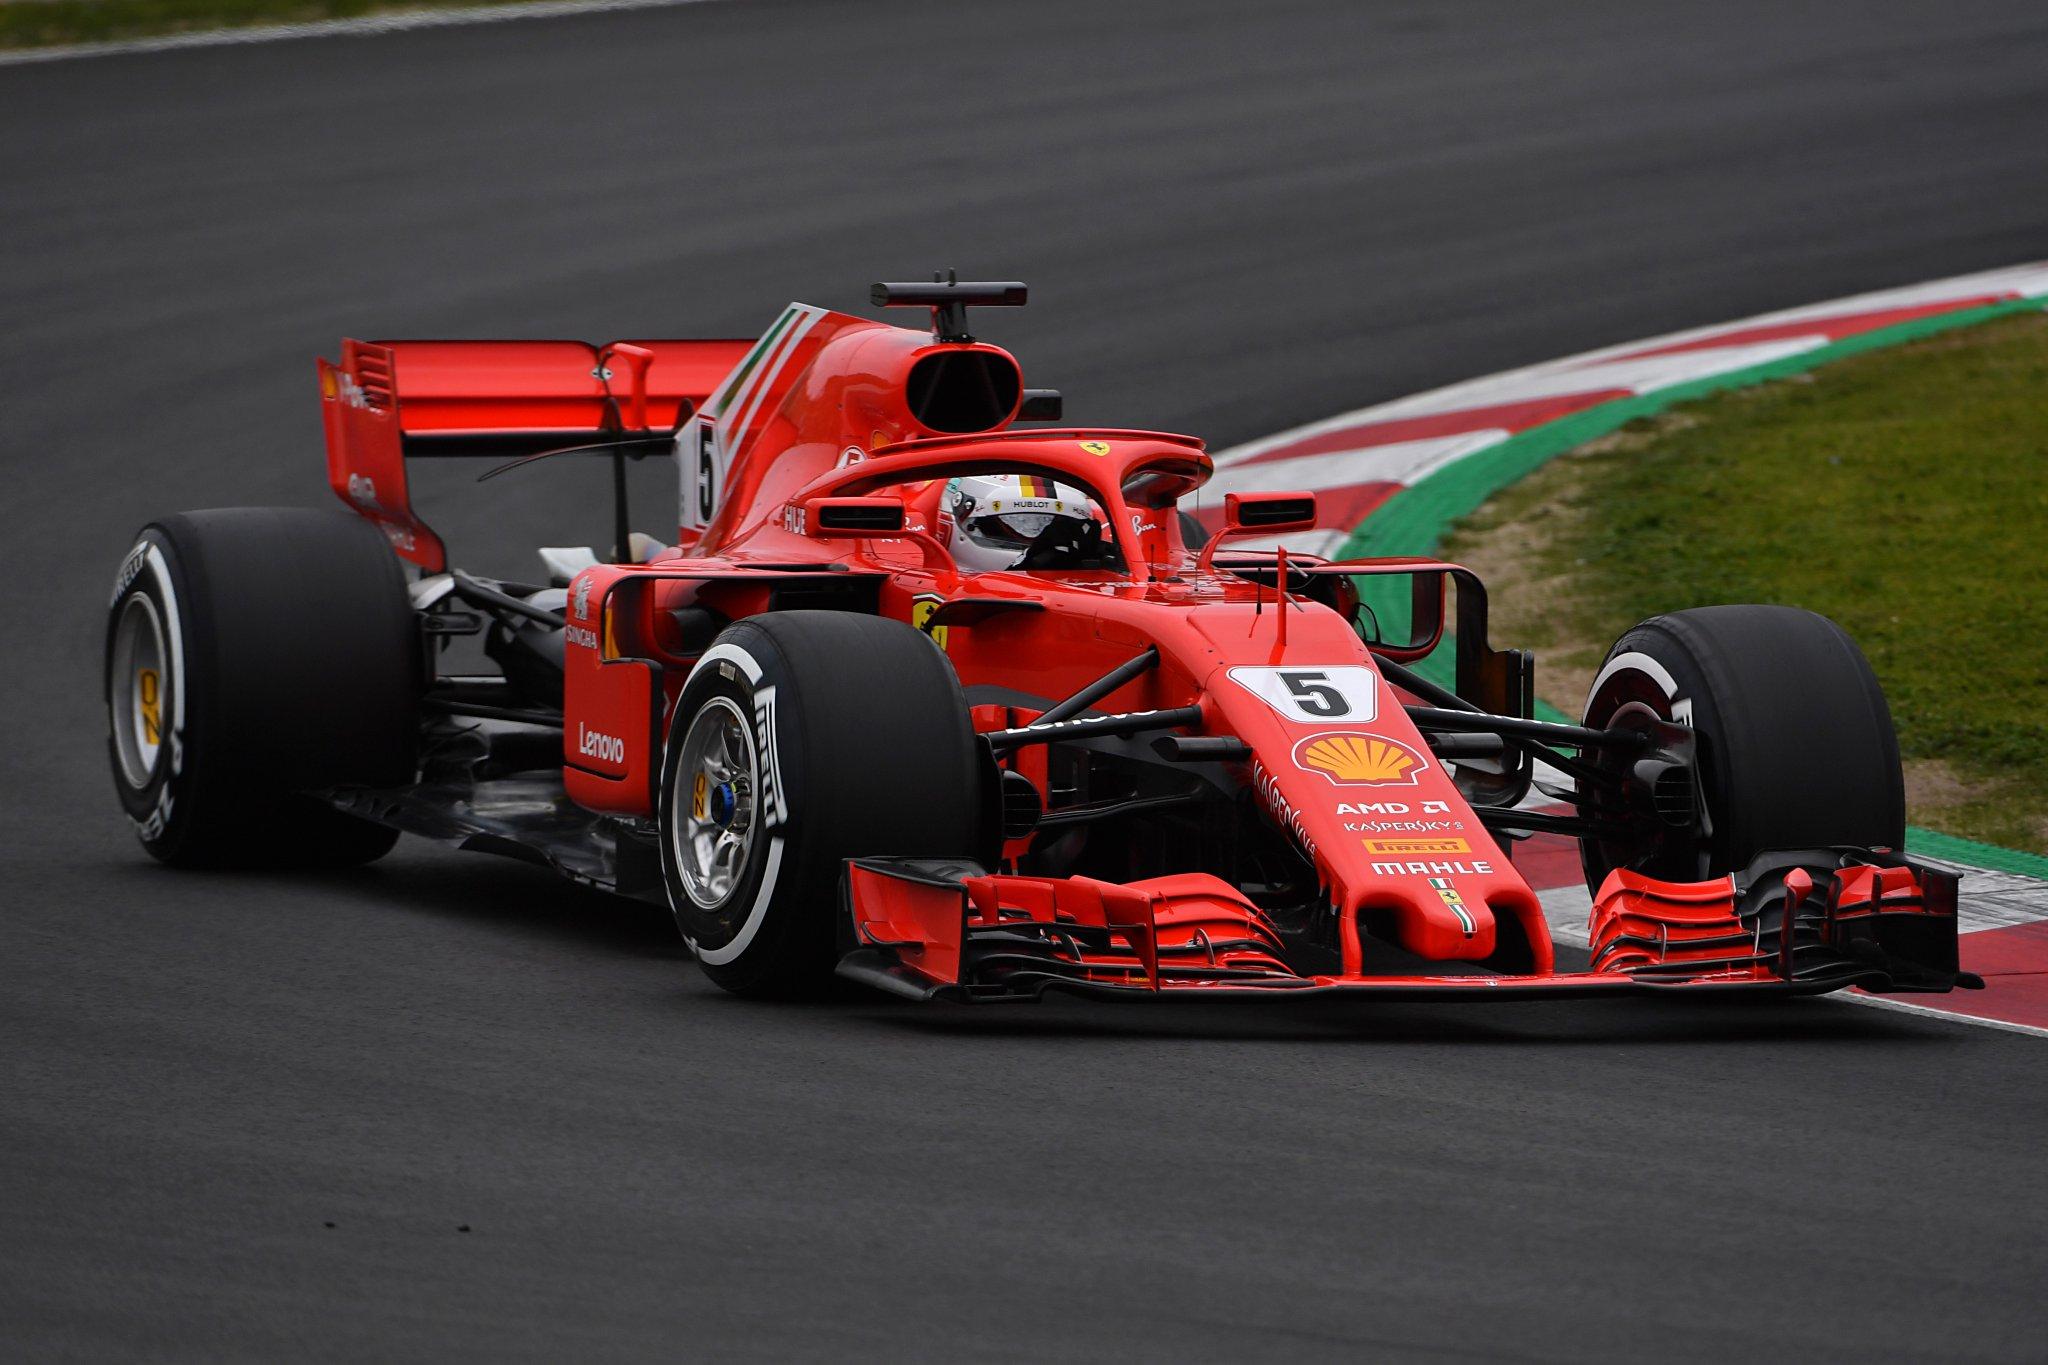 Себастьян Феттель на Ferrari лидирует во второй день первых тестов команд Формулы-1 в Барселоне